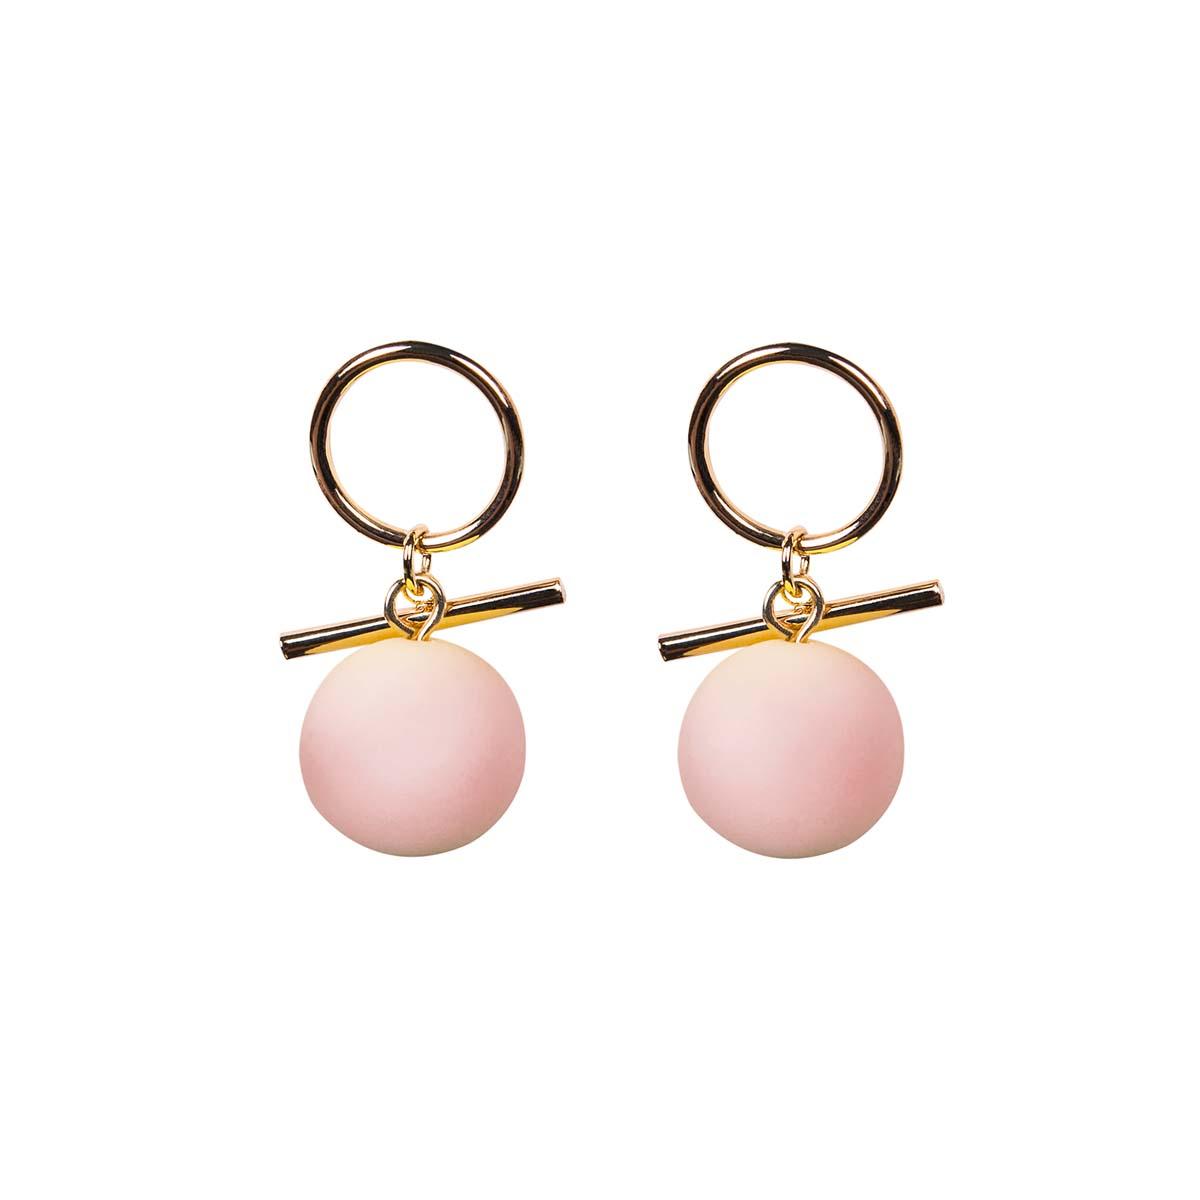 Teria Yabar - Pendientes de bolas rosas